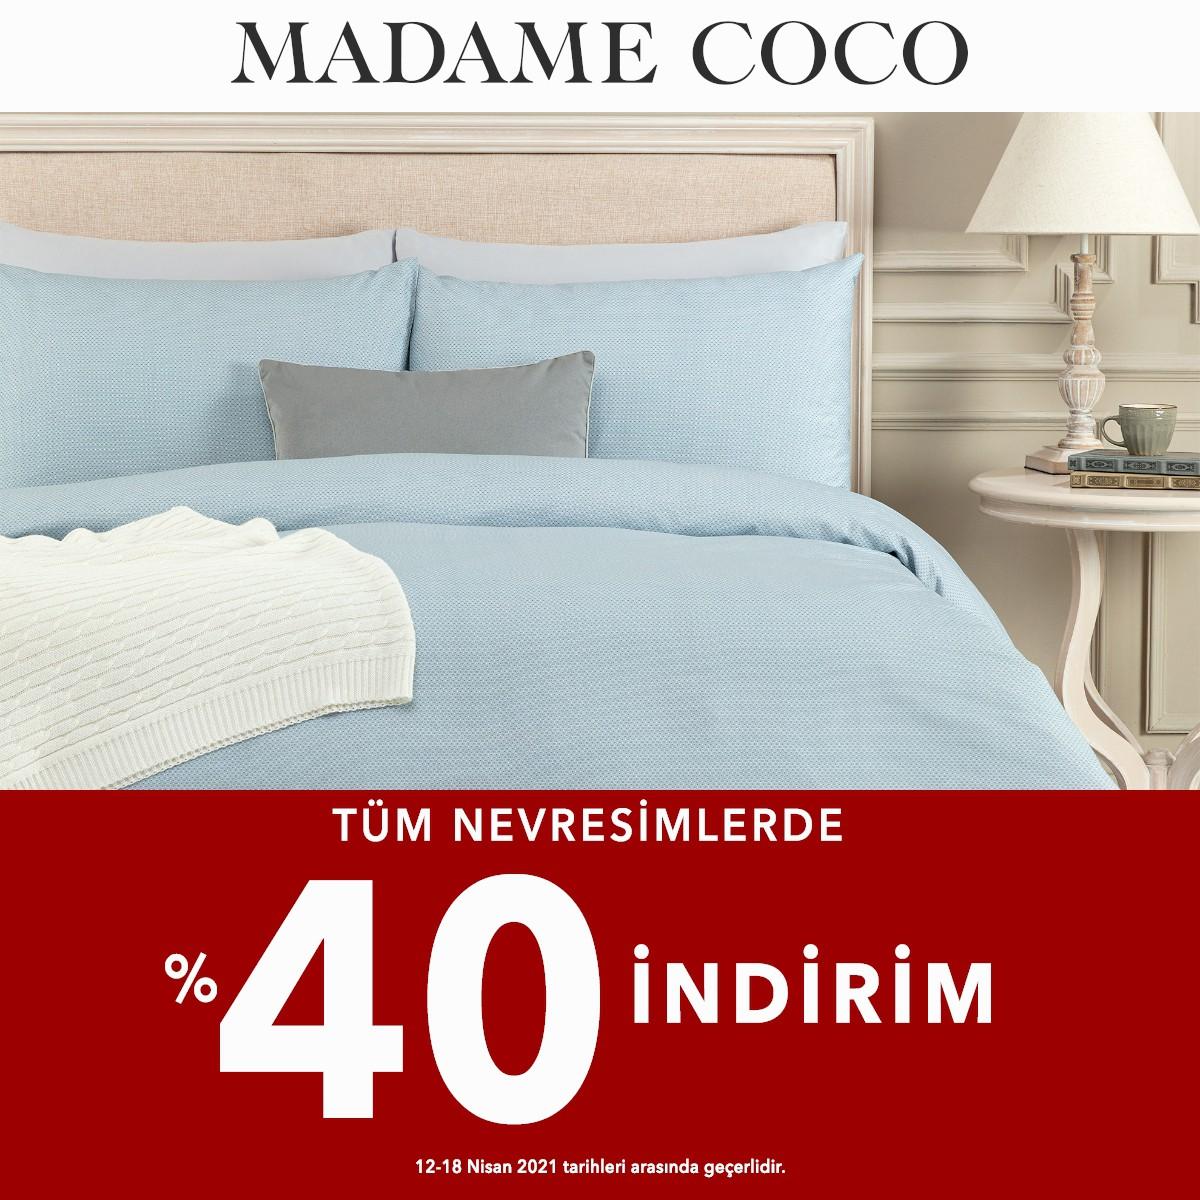 Madame Coco'da Tüm Nevresimlerde %40 İndirim